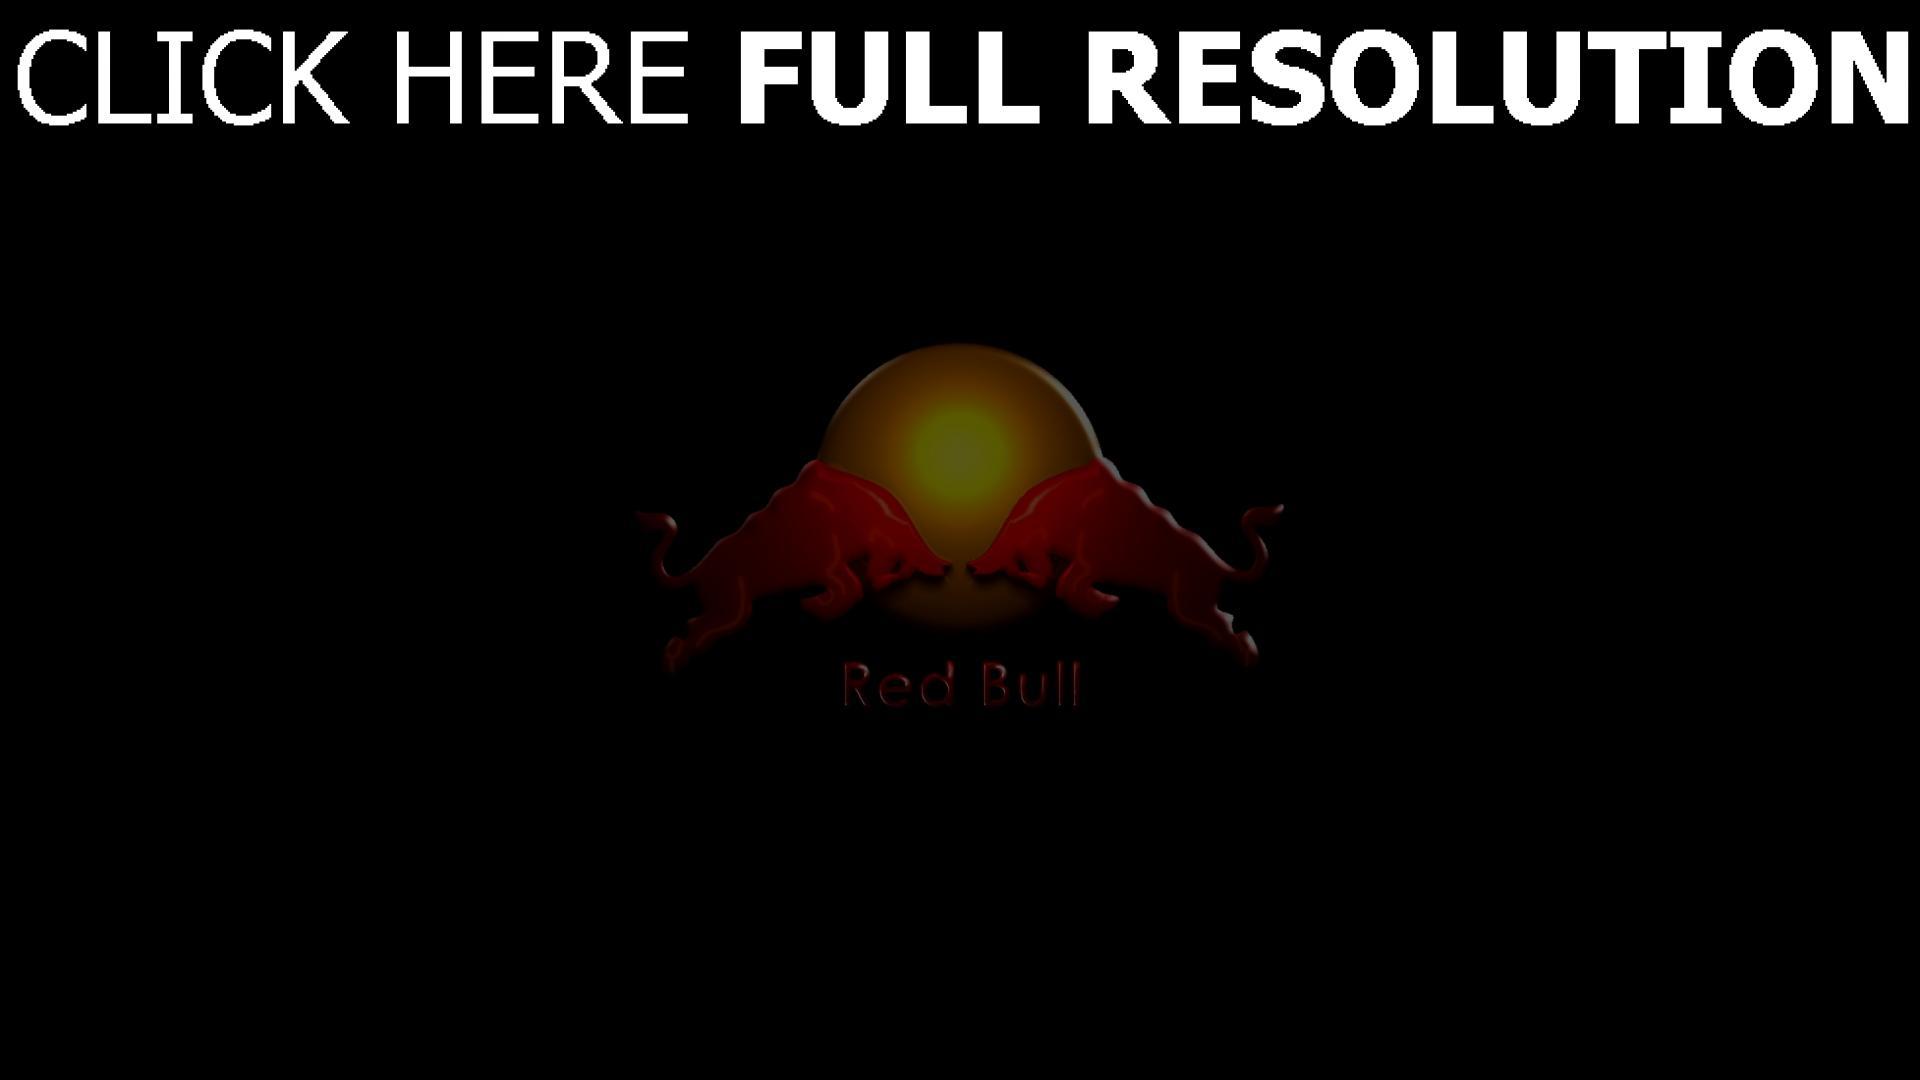 hd hintergrundbilder red bull getränke energie logo stiere 1920x1080